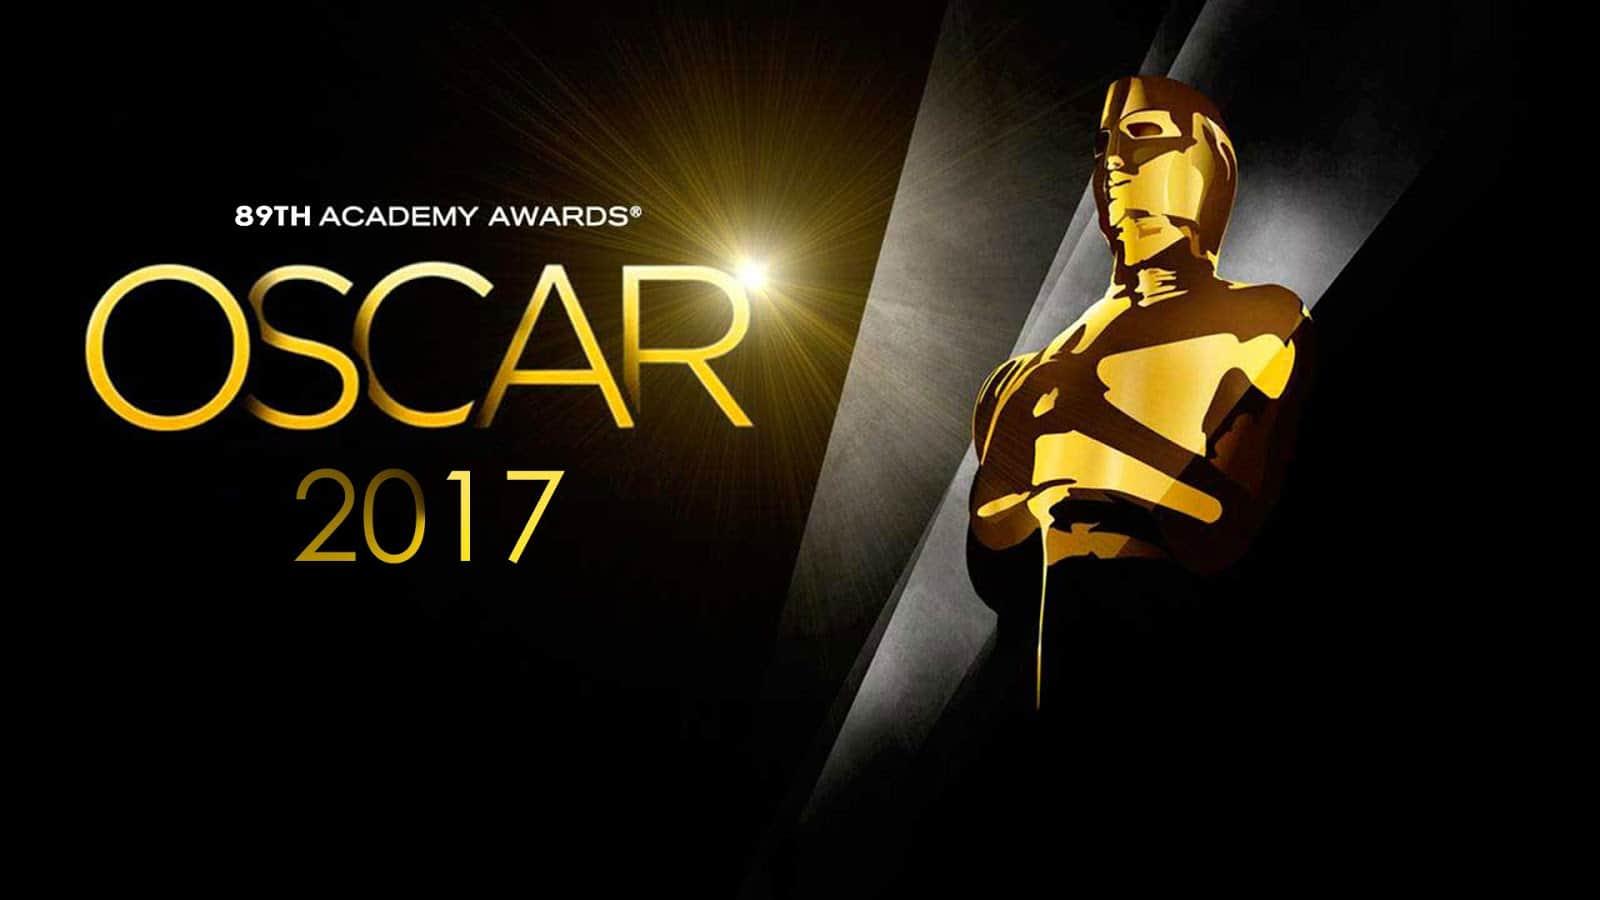 La sfida era tra gli attesissimi La La Land con 14 nomination, Moonlight (8), La battaglia di Hacksaw Ridge e Manchester by the Sea (6)